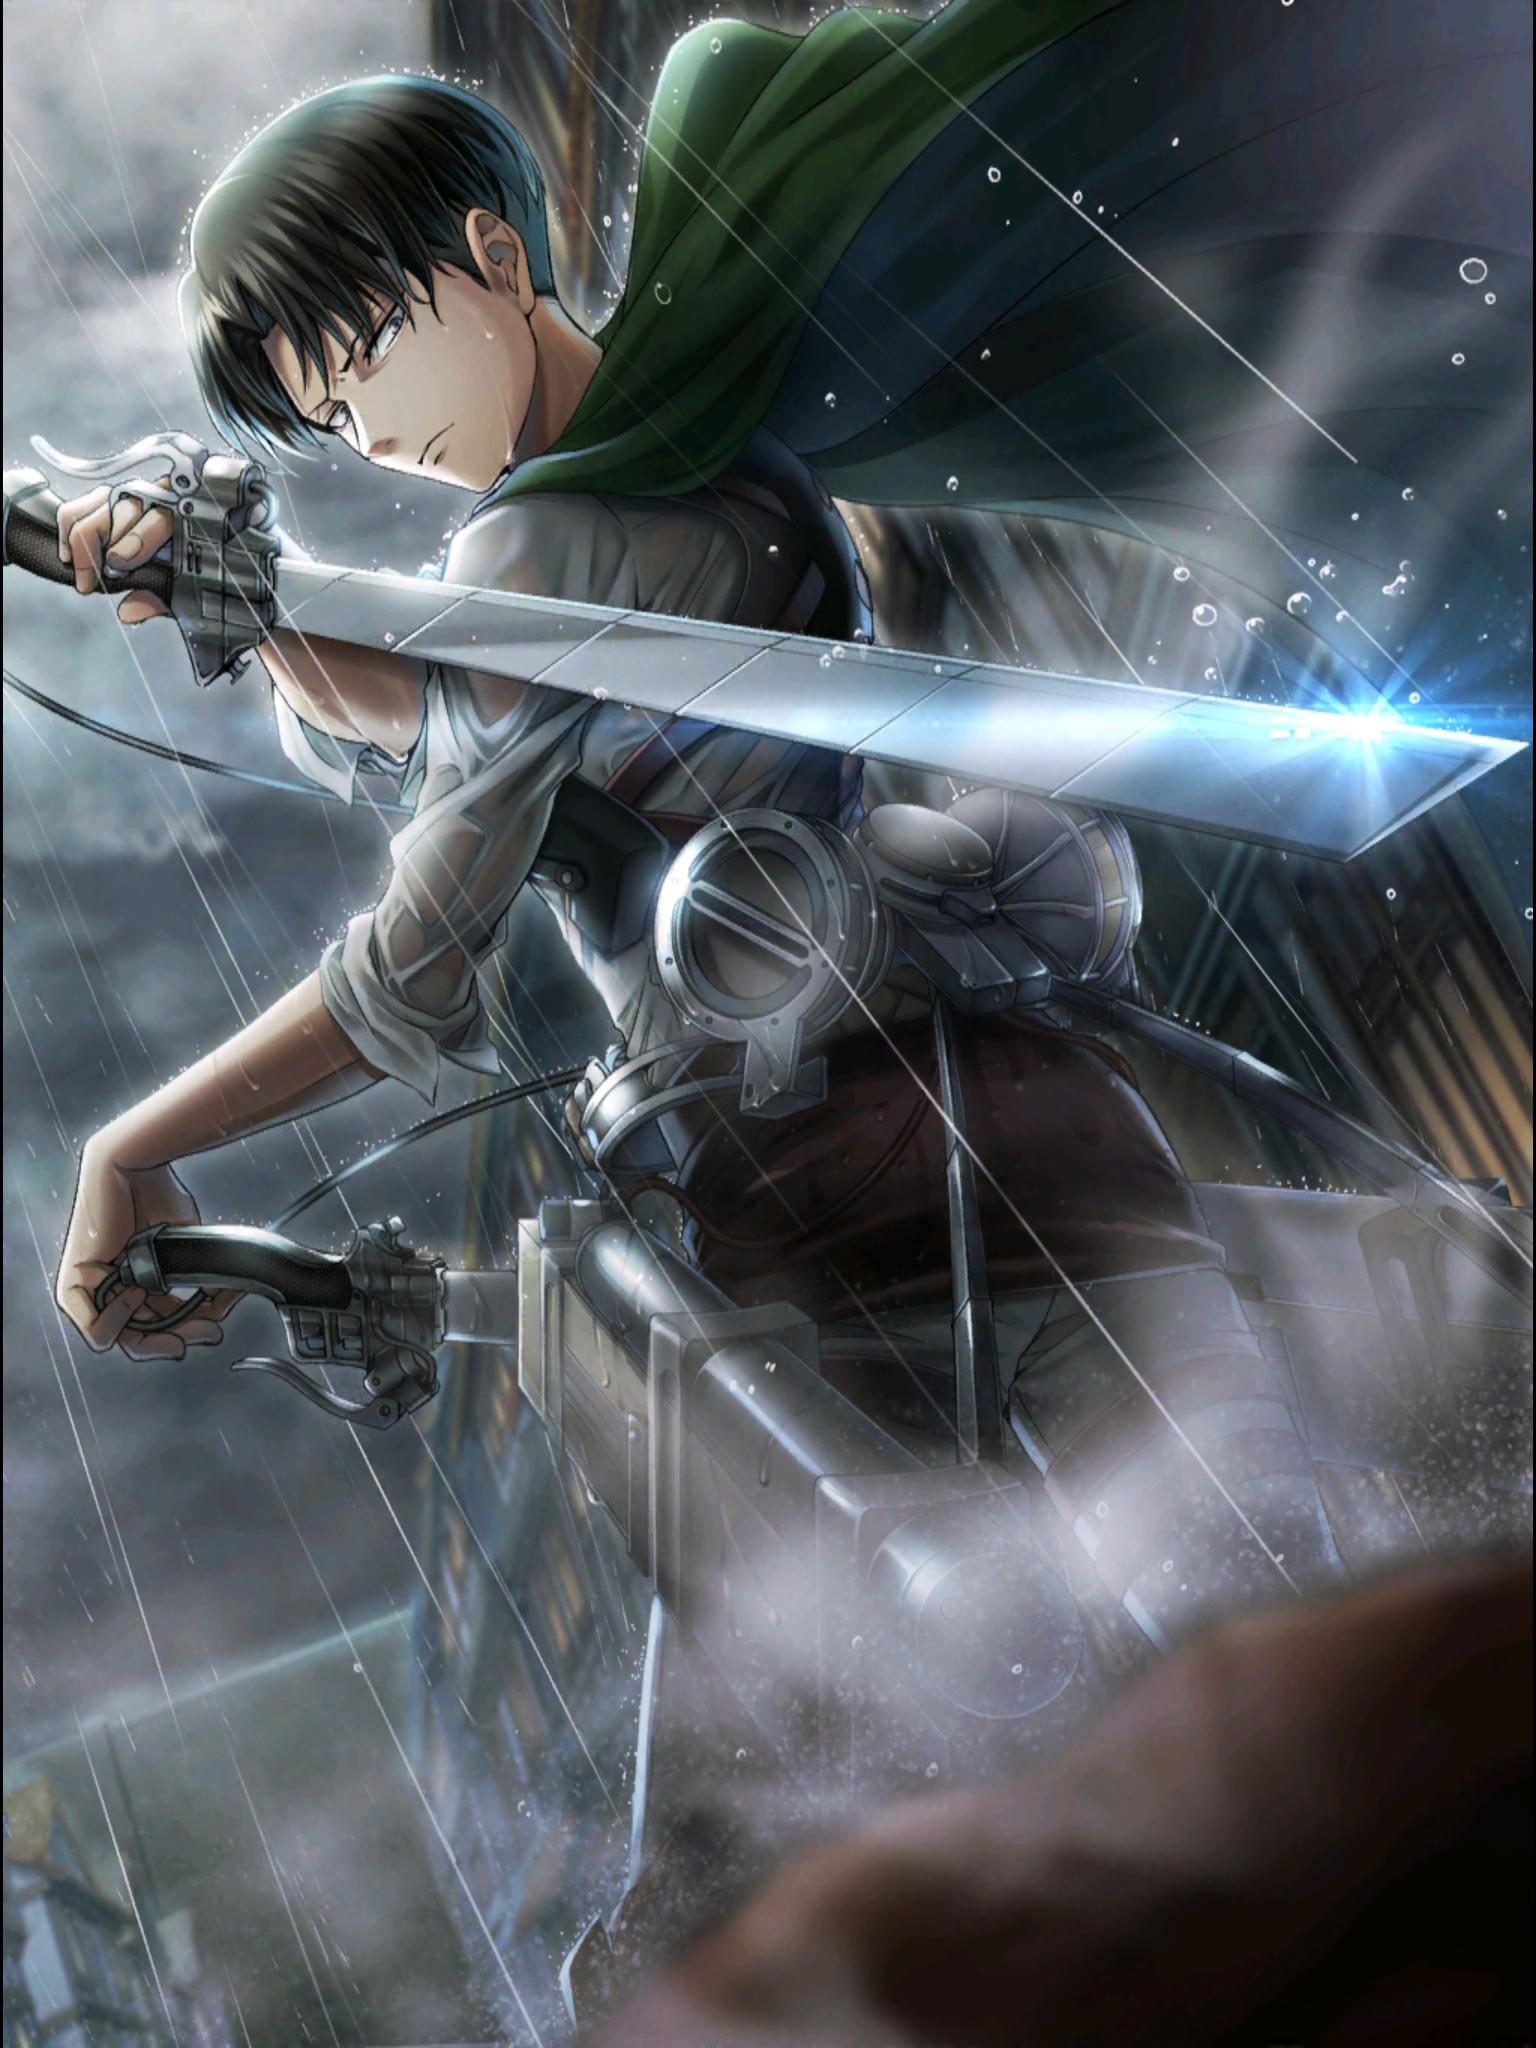 Levi Looking Badass As Usual What S New Gambar Anime Karya Seni Fantasi Referensi Gambar